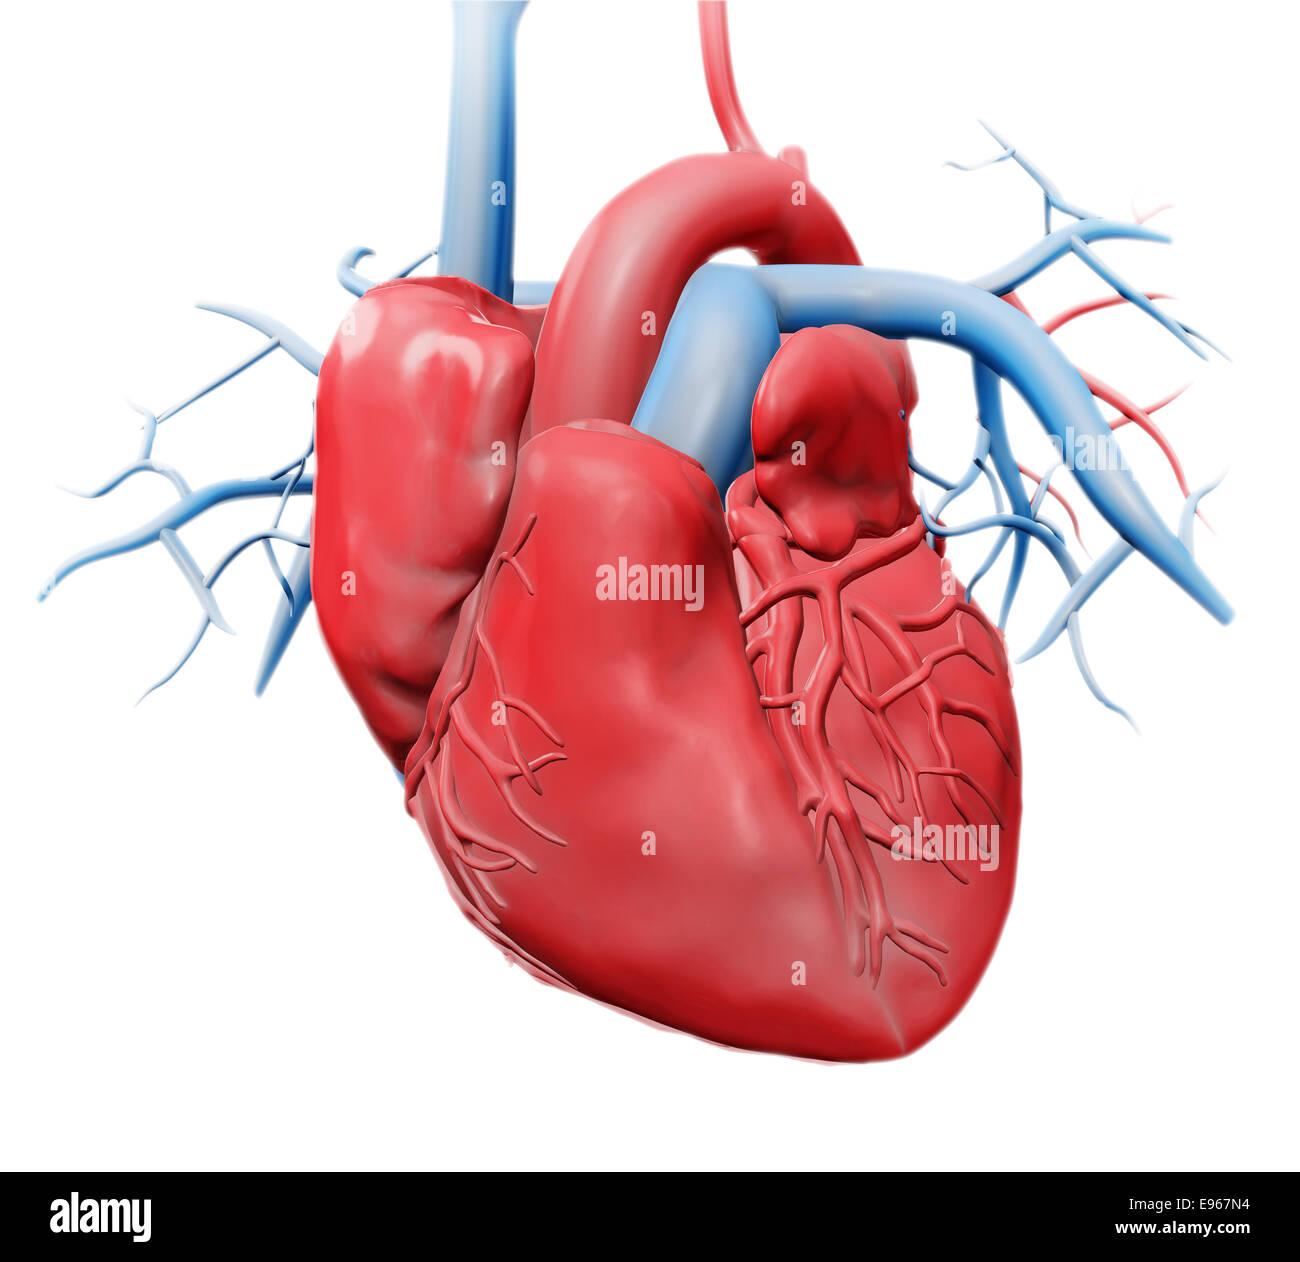 Corazón humano - Cardiología Salud ilustración Imagen De Stock